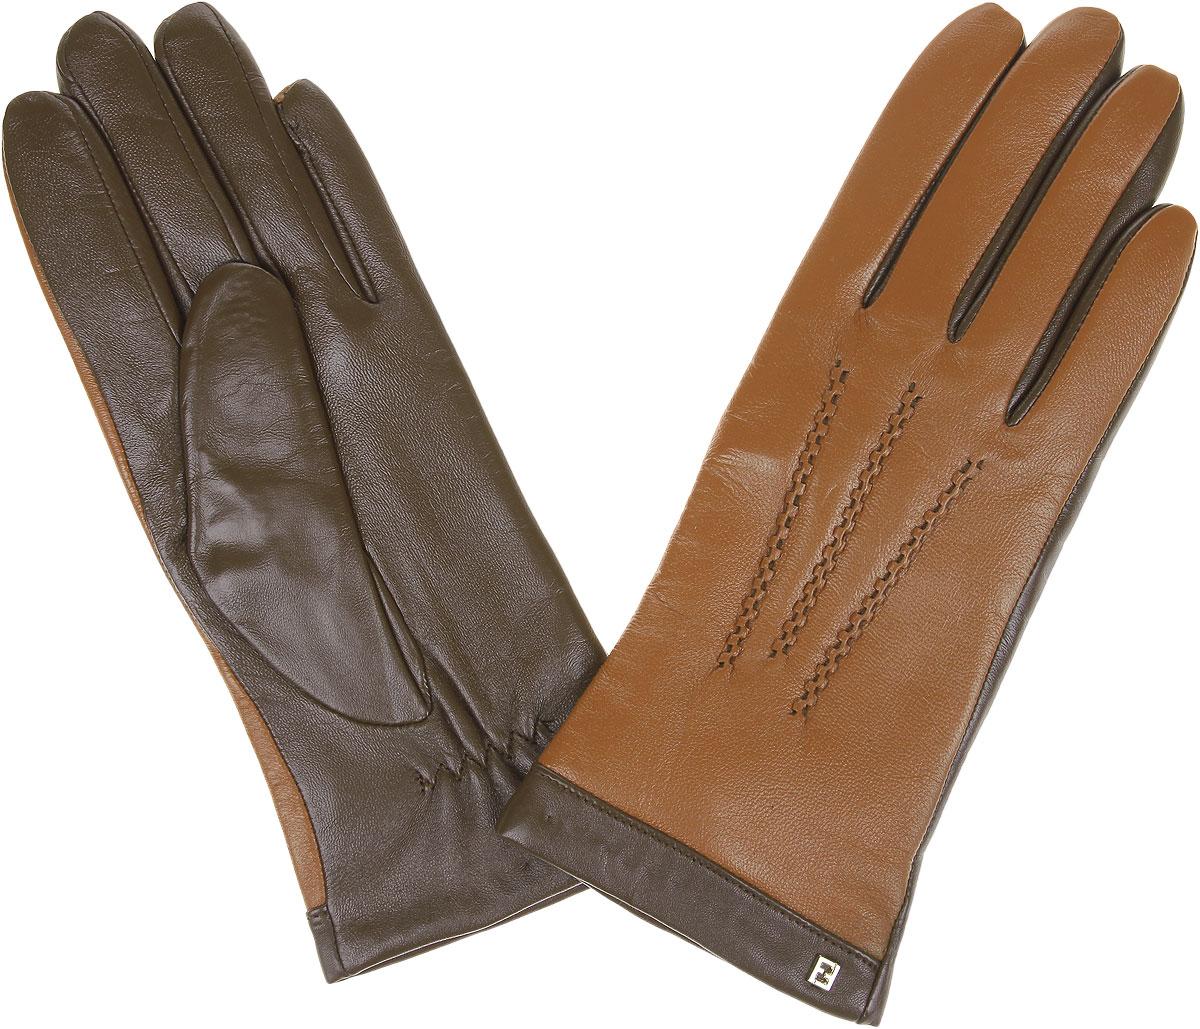 S1.6-20_turquiseЖенские перчатки Fabretti Touch Screen не только защитят ваши руки от холода, но и станут незаменимым аксессуаром. Модель изготовлена из натуральной кожи на подкладке из шерсти с добавлением кашемира. Современные технологии обработки кожи позволяют работать с любыми сенсорными дисплеями, не снимая перчатки, что особенно важно в климатических условиях России. Конкурентным преимуществом данной технологии, является отсутствие текстильных вставок на пальцах, которые портят внешний вид перчаток и нарушают целостность кожи. Лицевая сторона изделия украшена фигурной прострочкой. Модель дополнена небольшим декоративным элементом с логотипом бренда. Запястье оснащено небольшой резинкой, фиксирующей модель на руке. Перчатки Fabretti станут завершающим и подчеркивающим элементом вашего стиля.